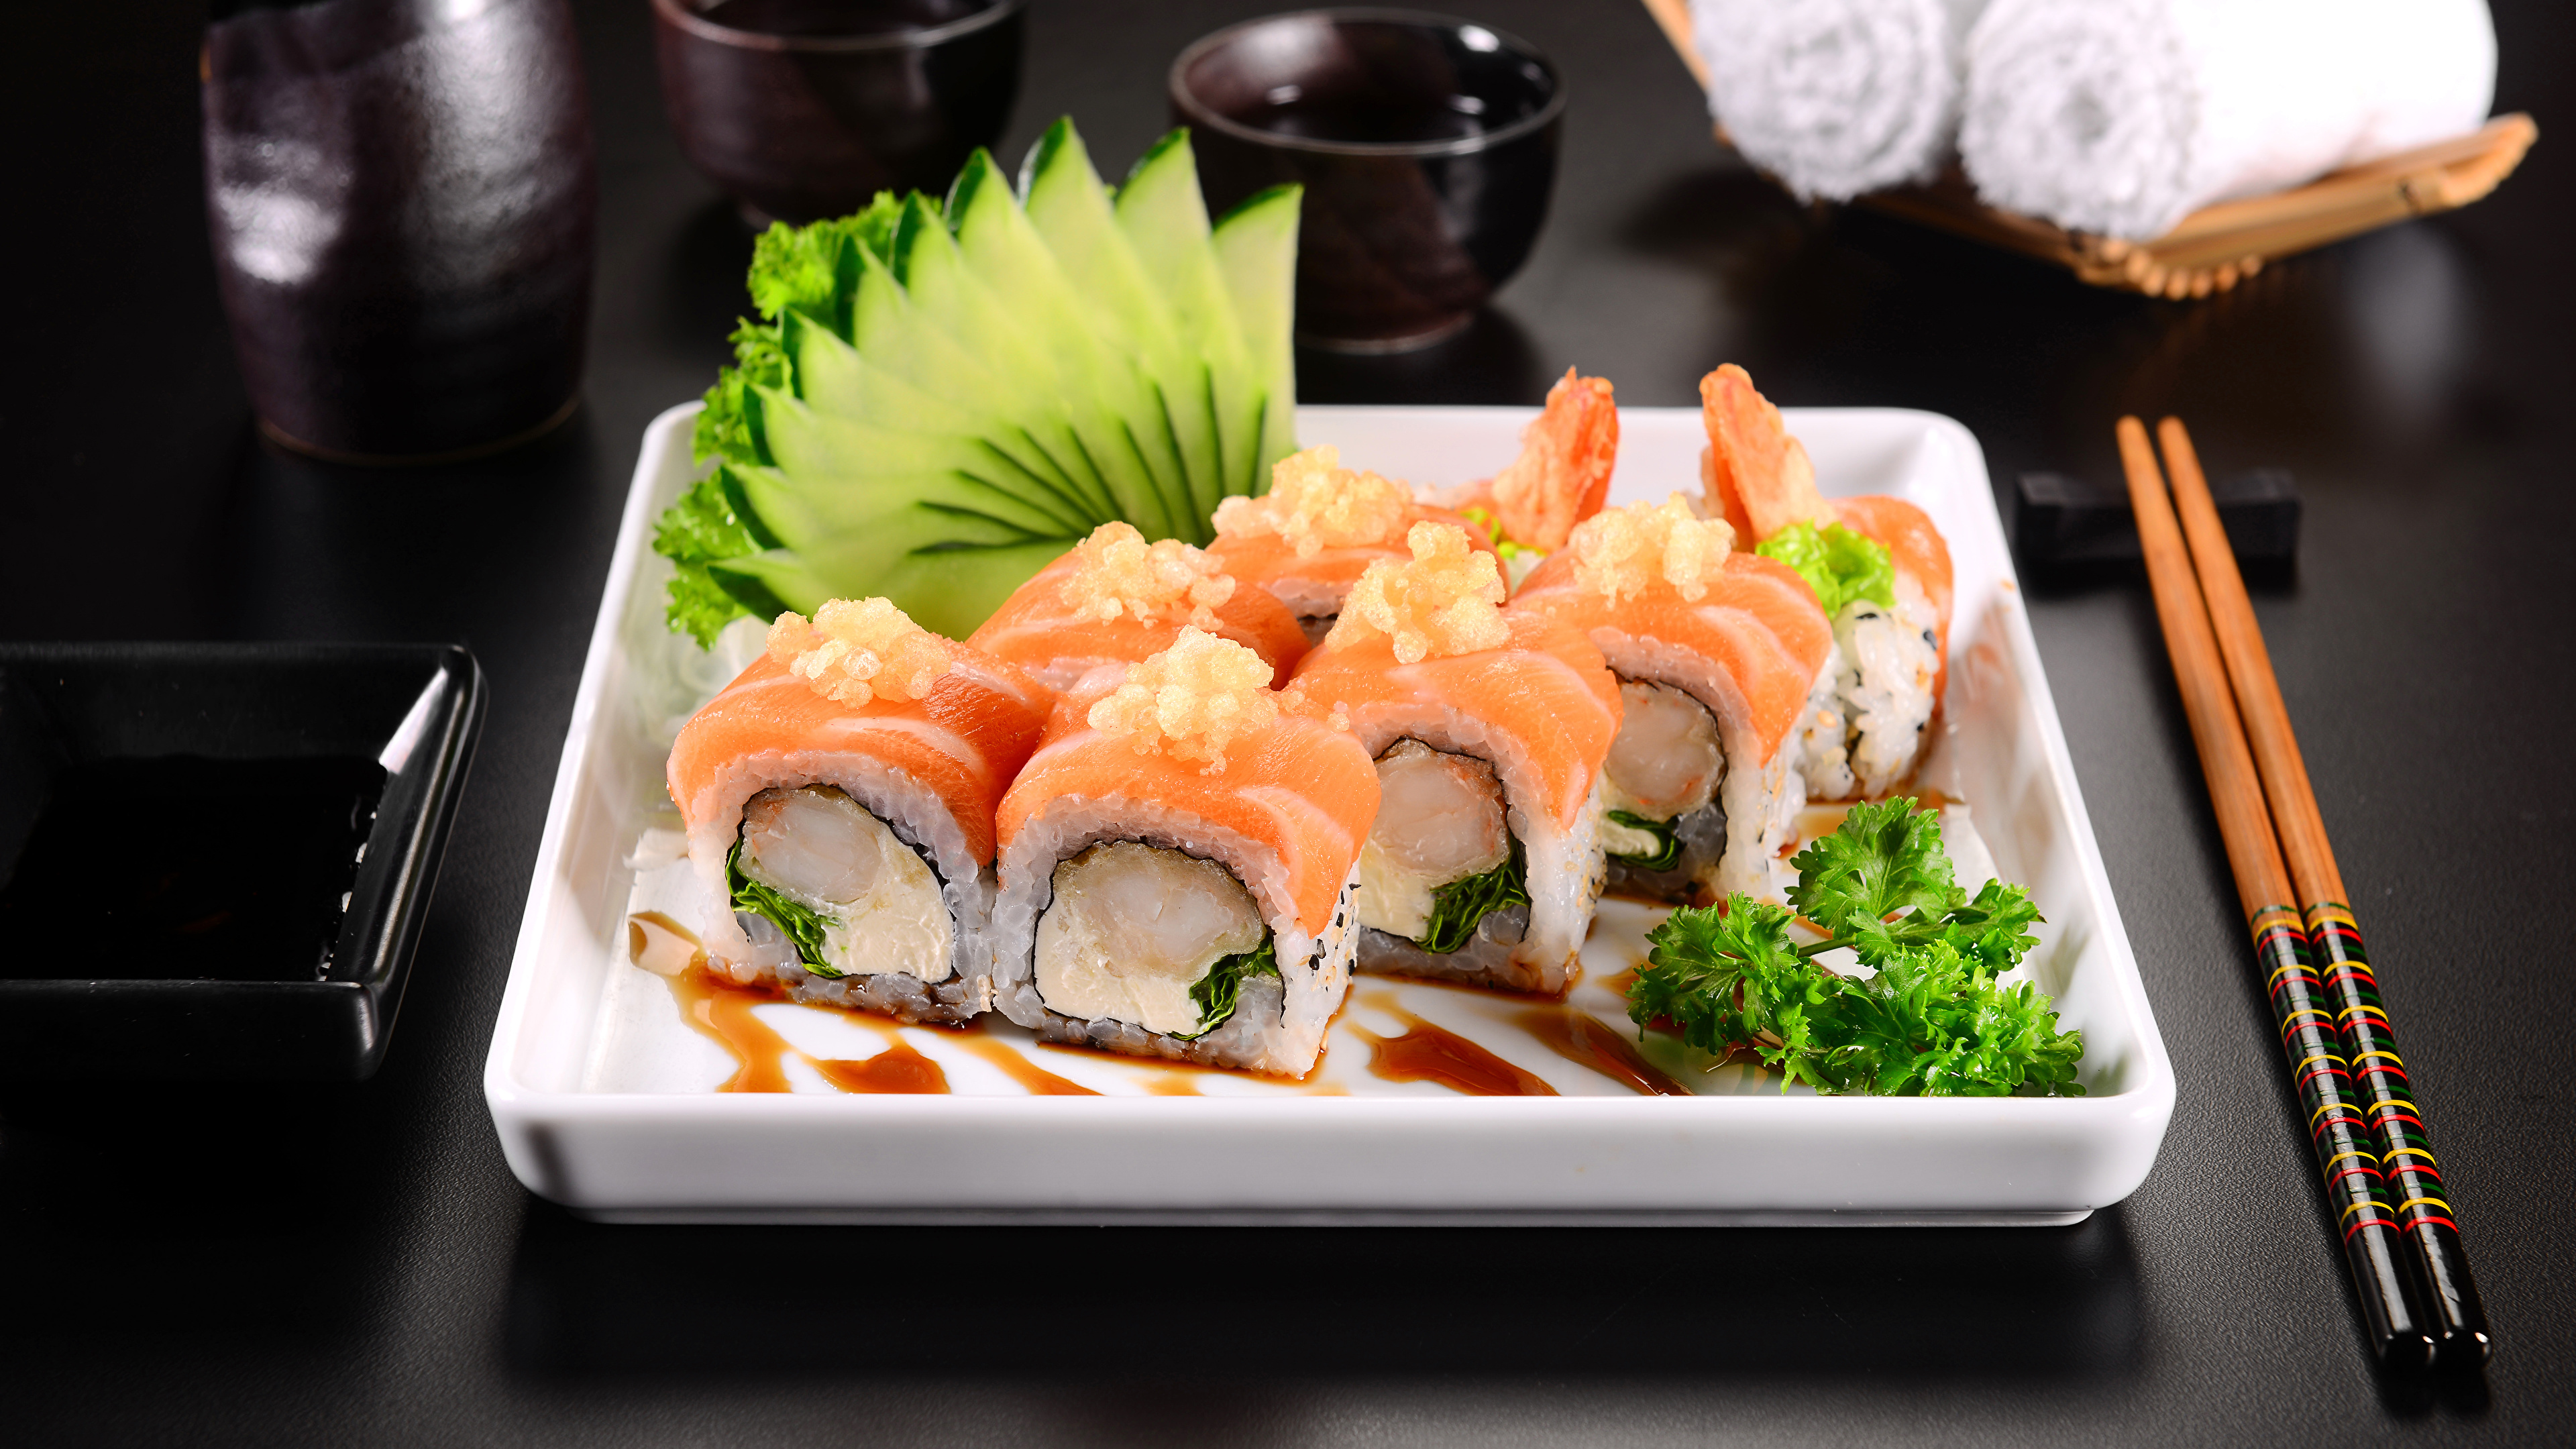 еда суши роллы японская кухня япония food sushi rolls Japanese kitchen Japan скачать